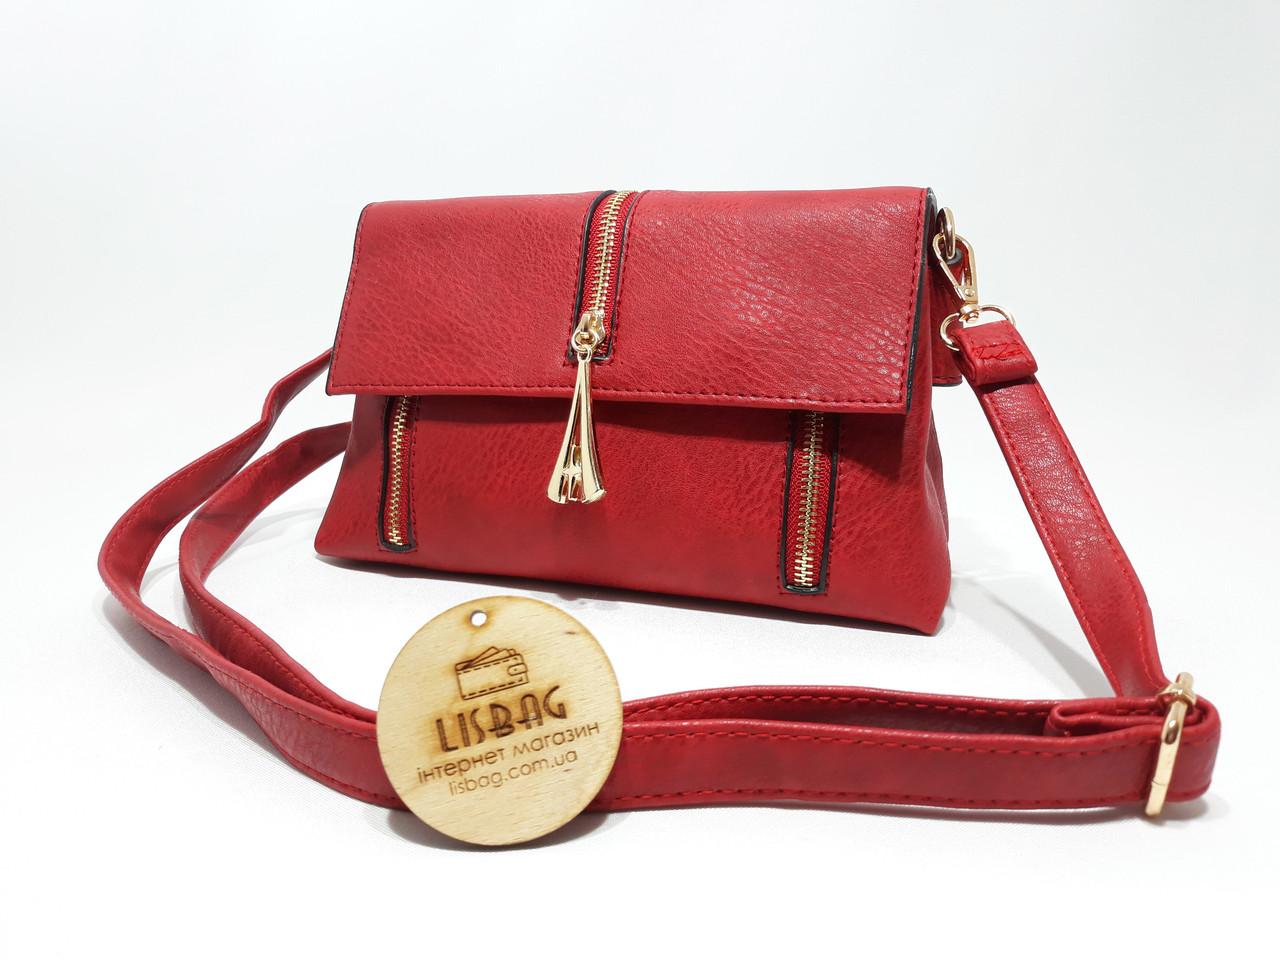 36b1de1373f5 Средняя вместительная женская сумка бордового цвета: продажа, цена в ...